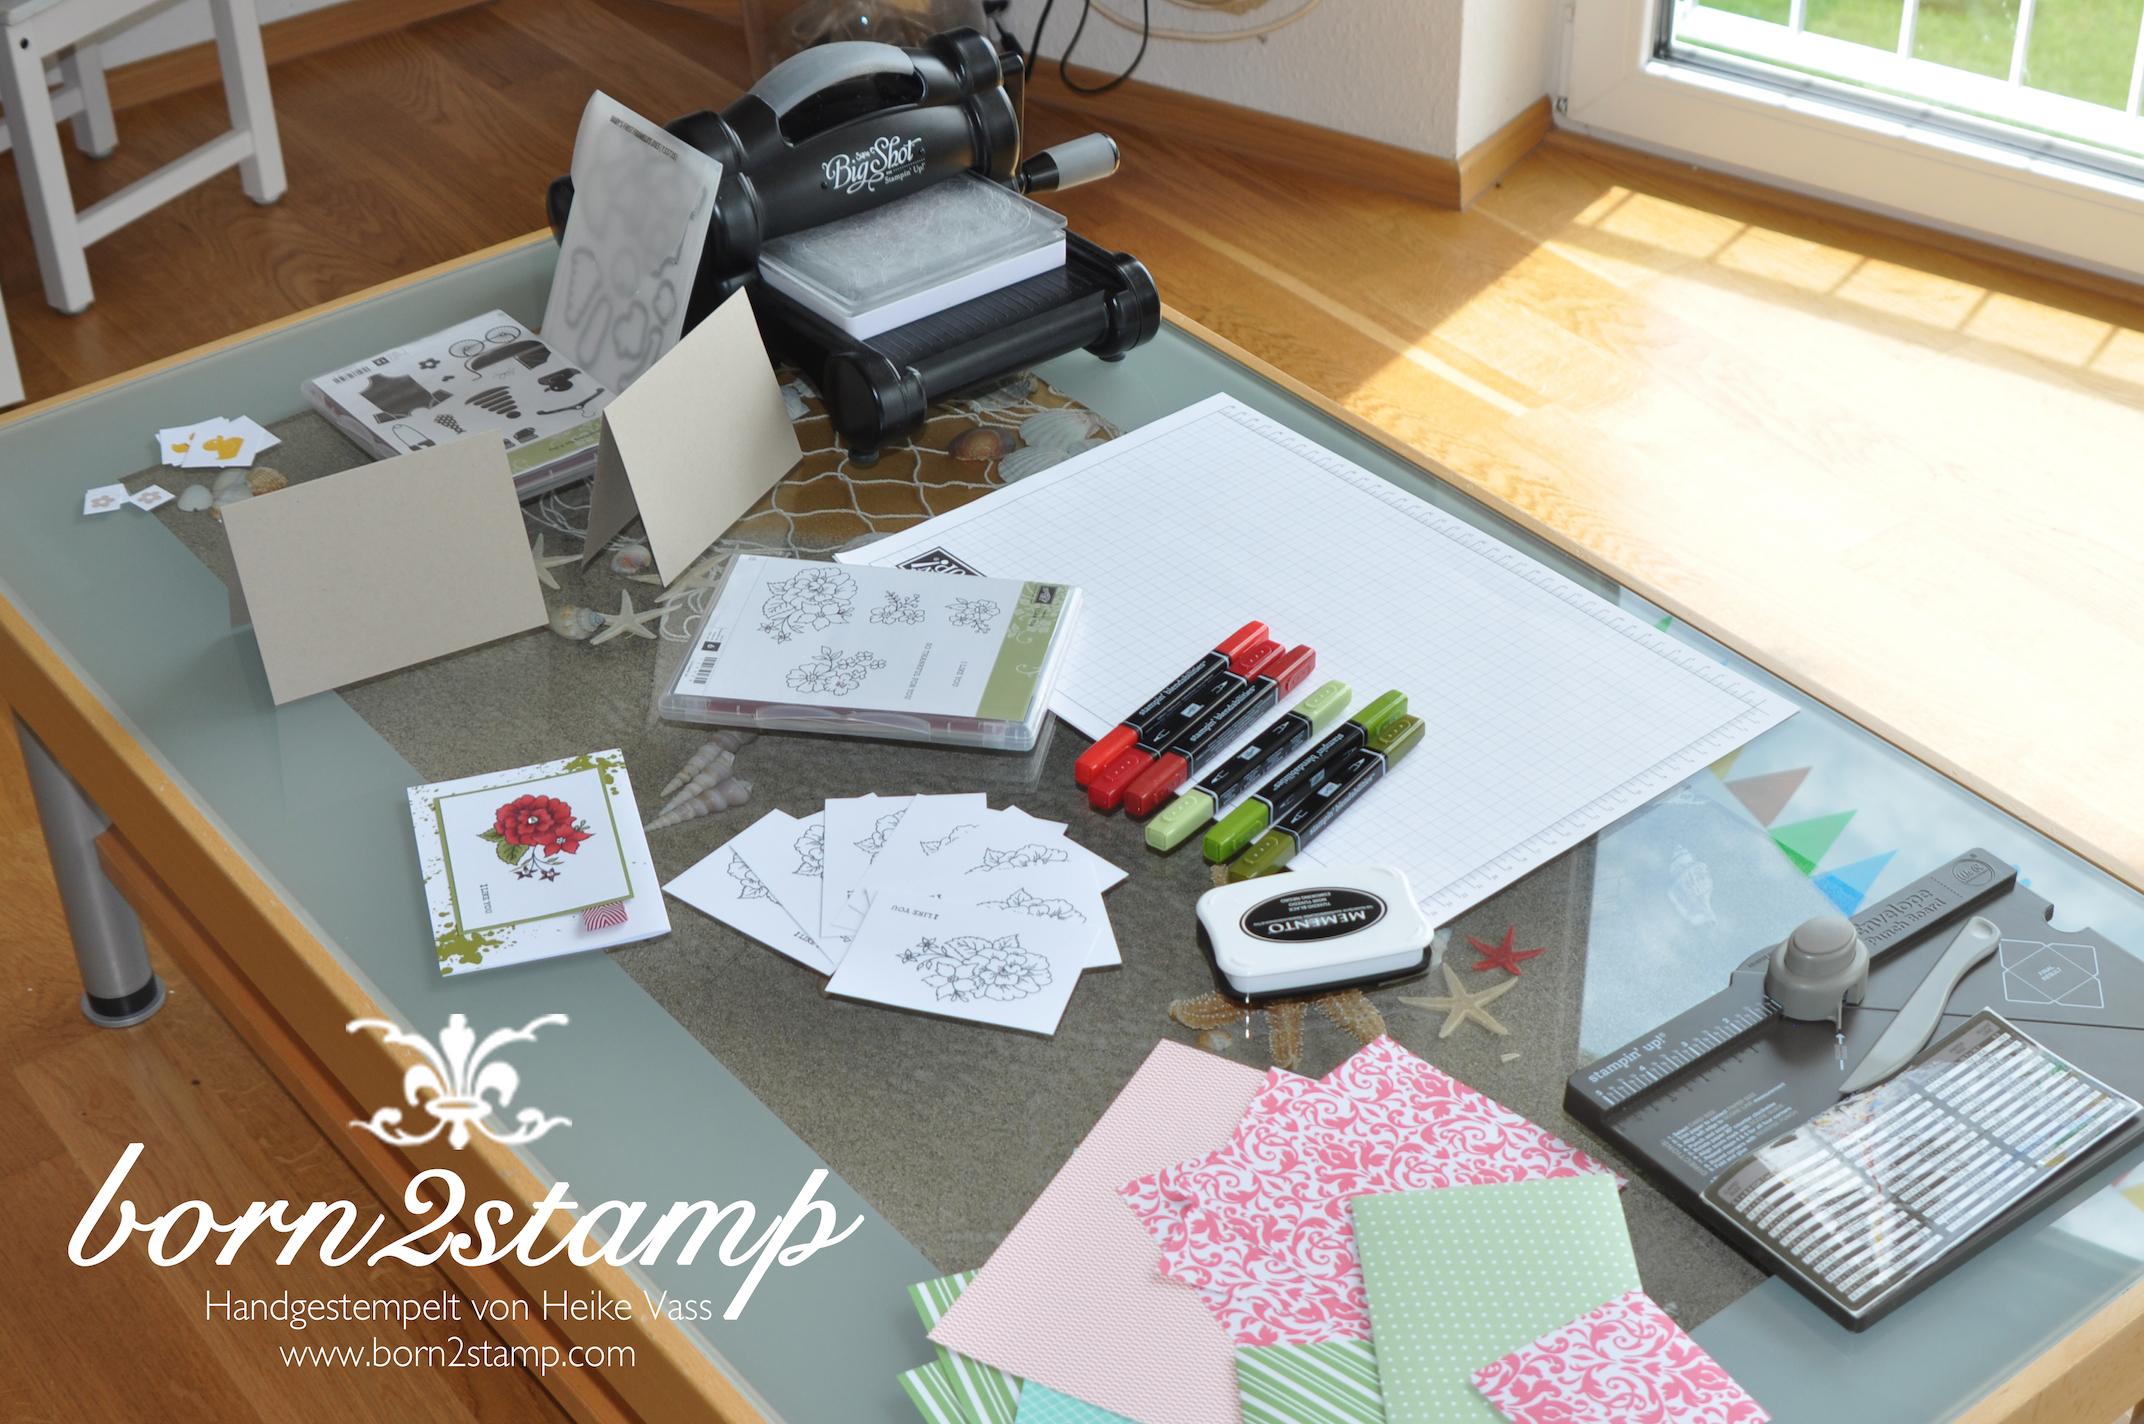 Katalogparty born2stamp Produkte zum Testen